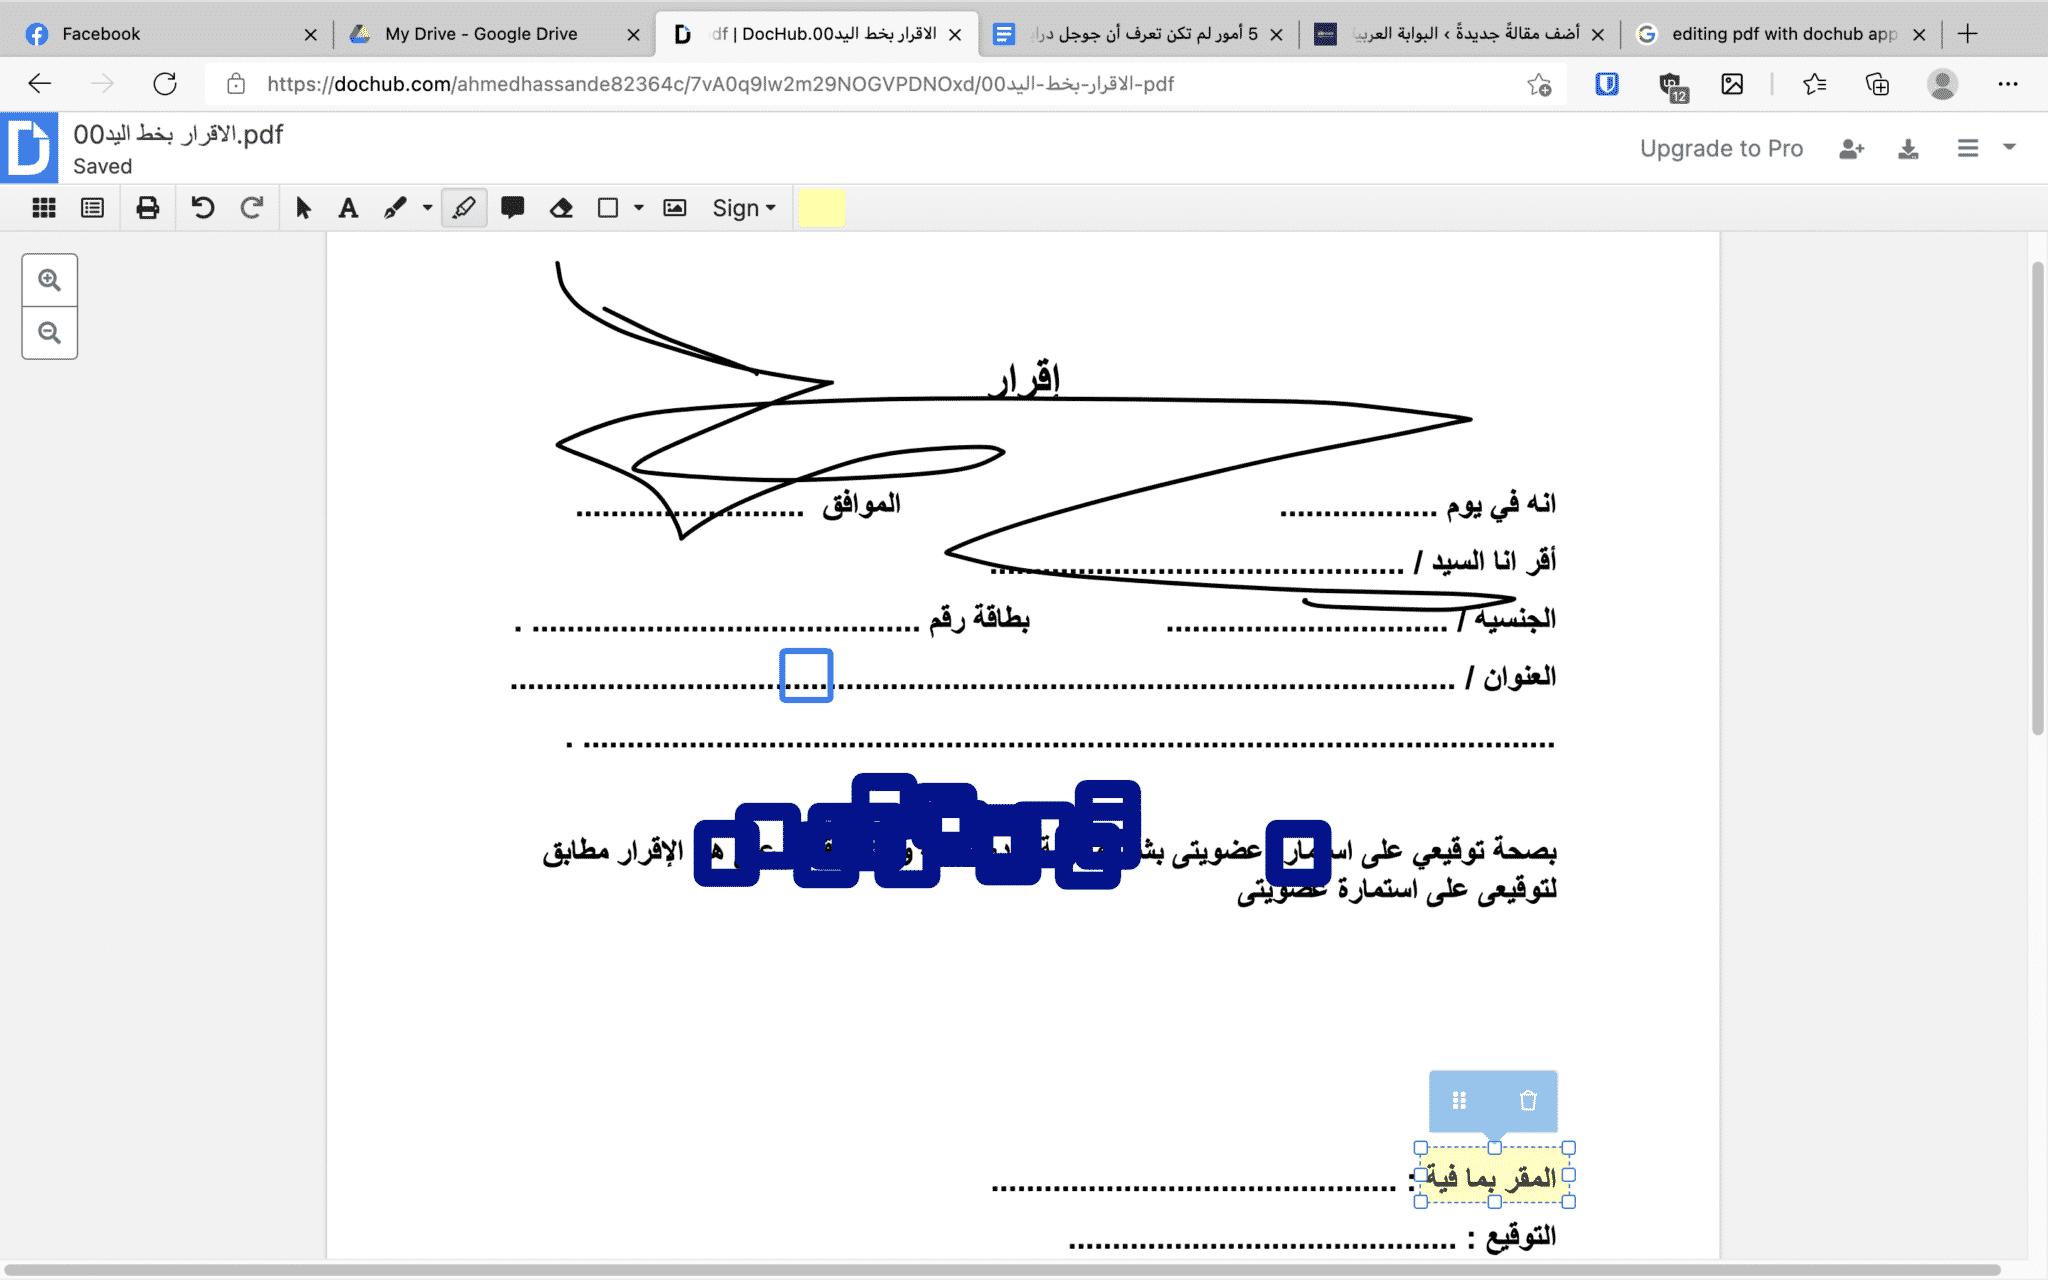 تعديل ملفات PDF على جوجل درايف